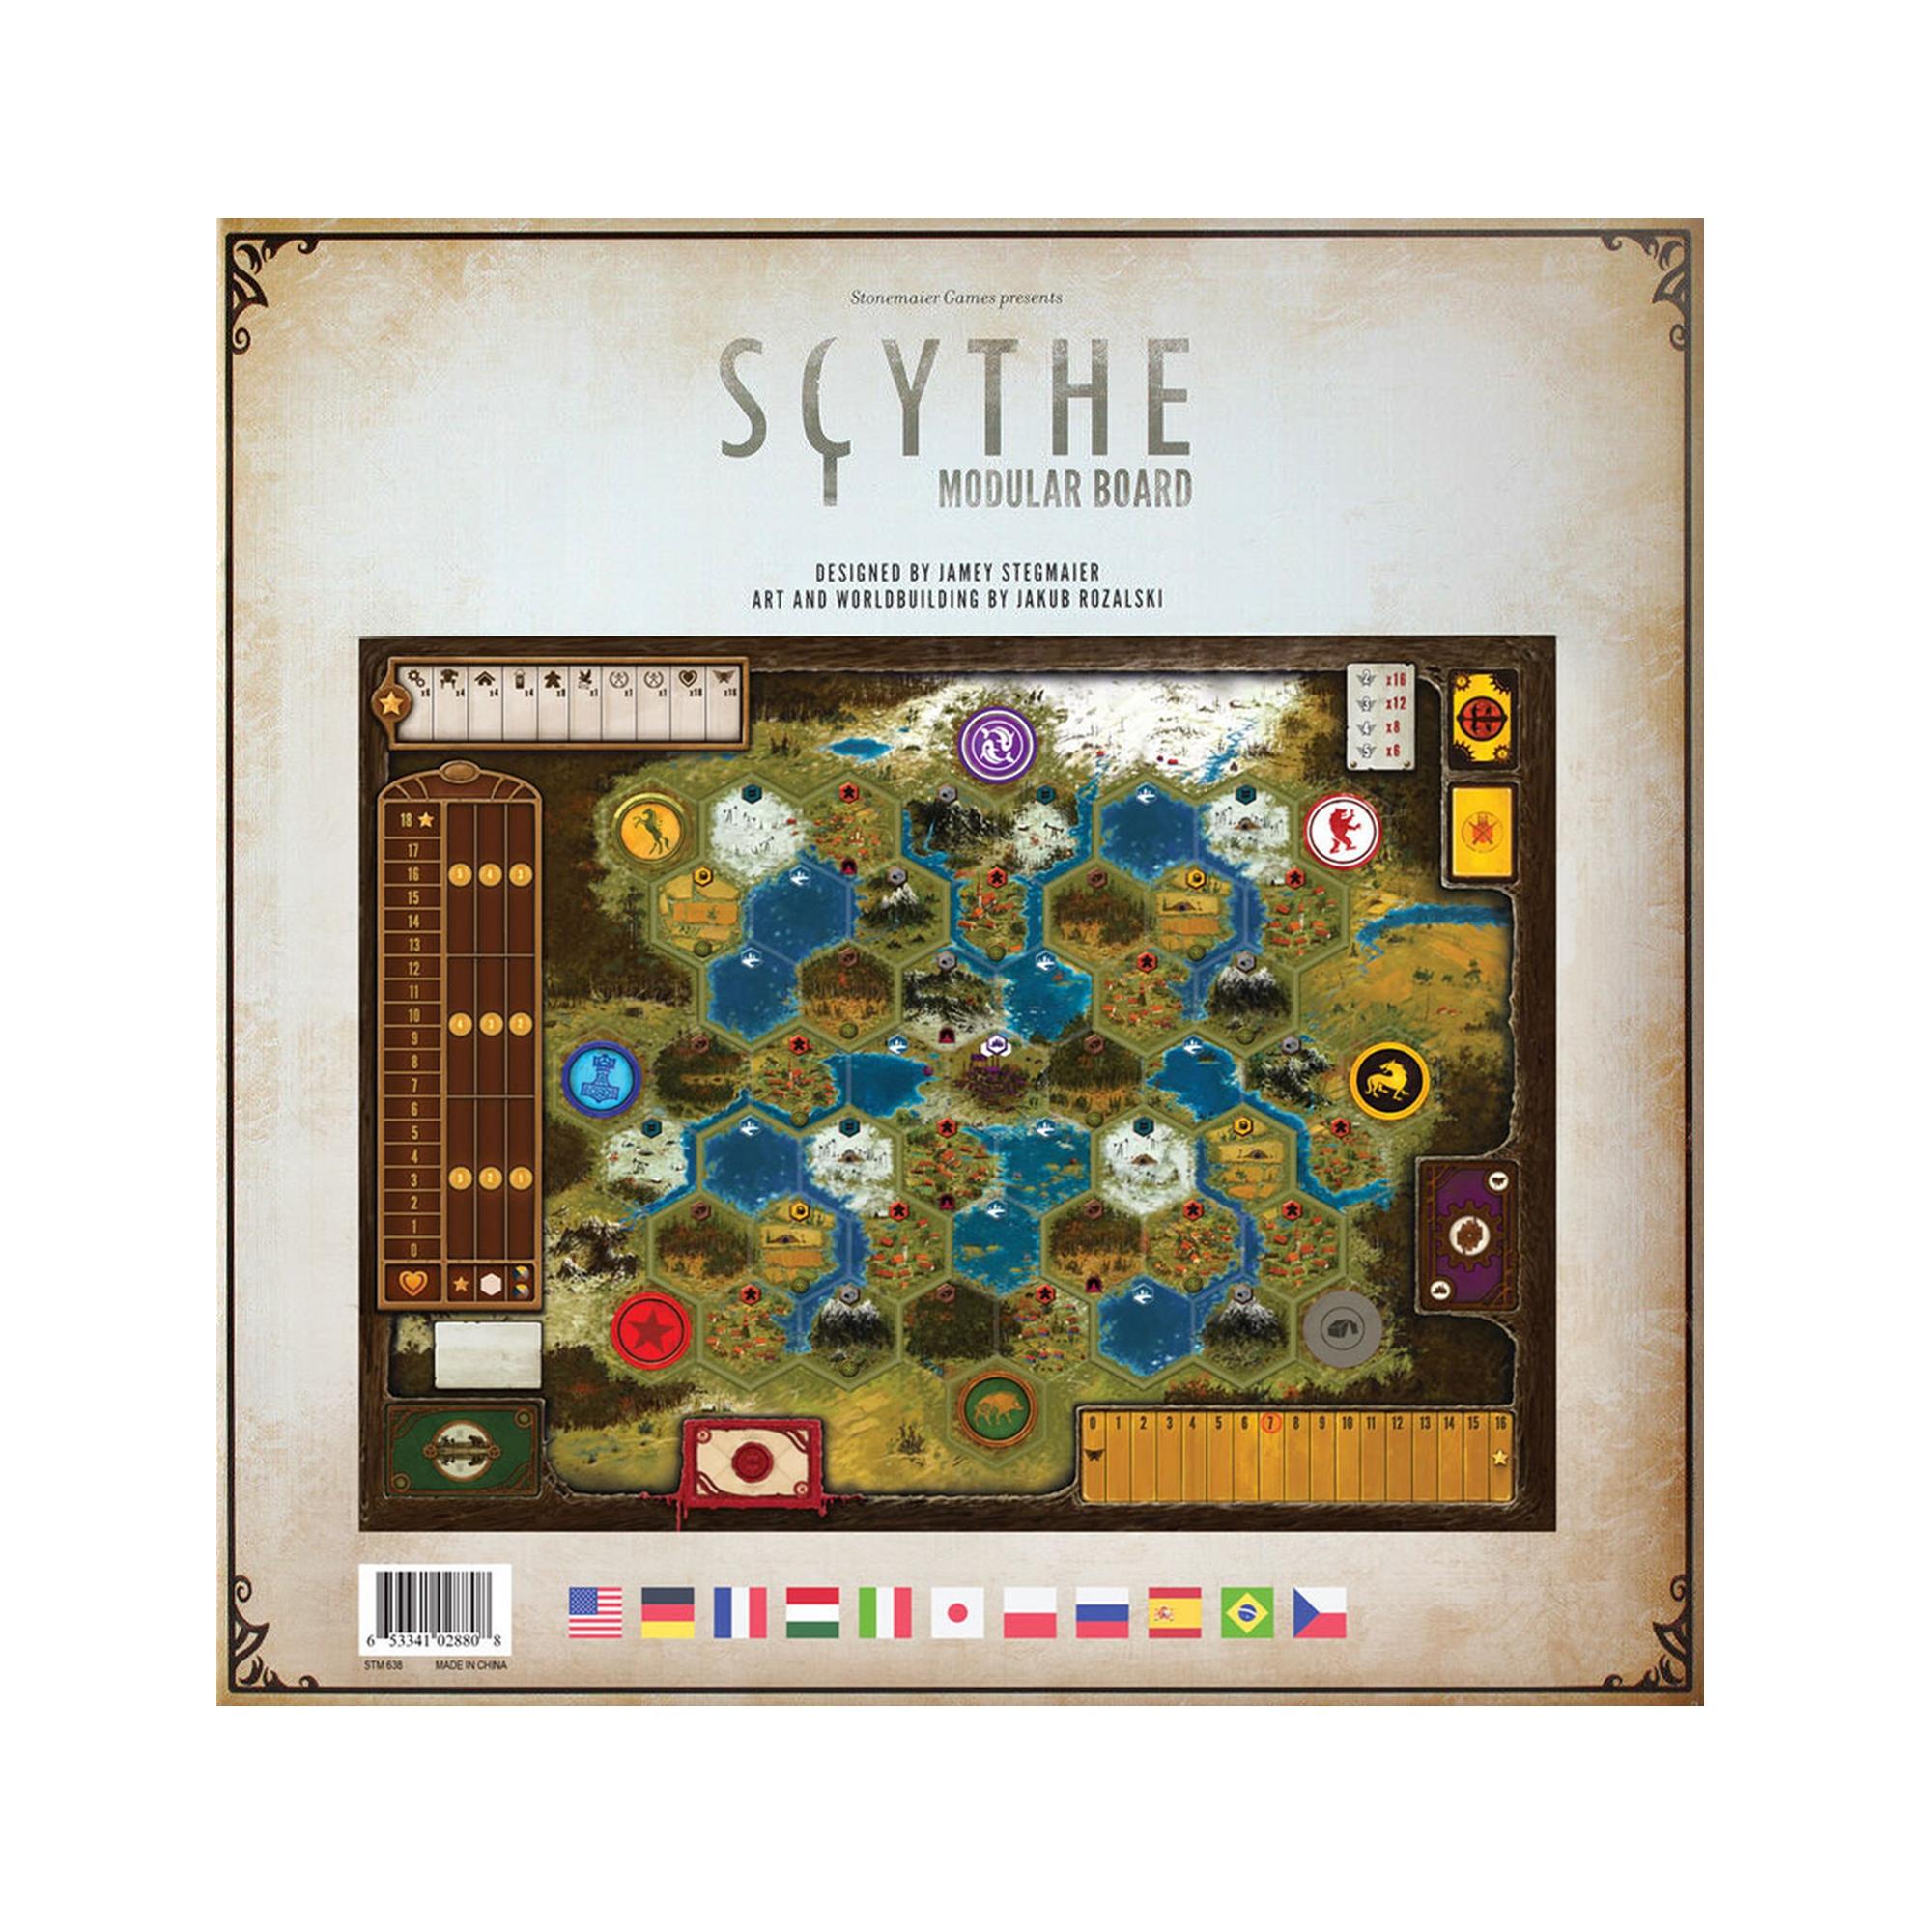 Scythe - Modulární herní plán